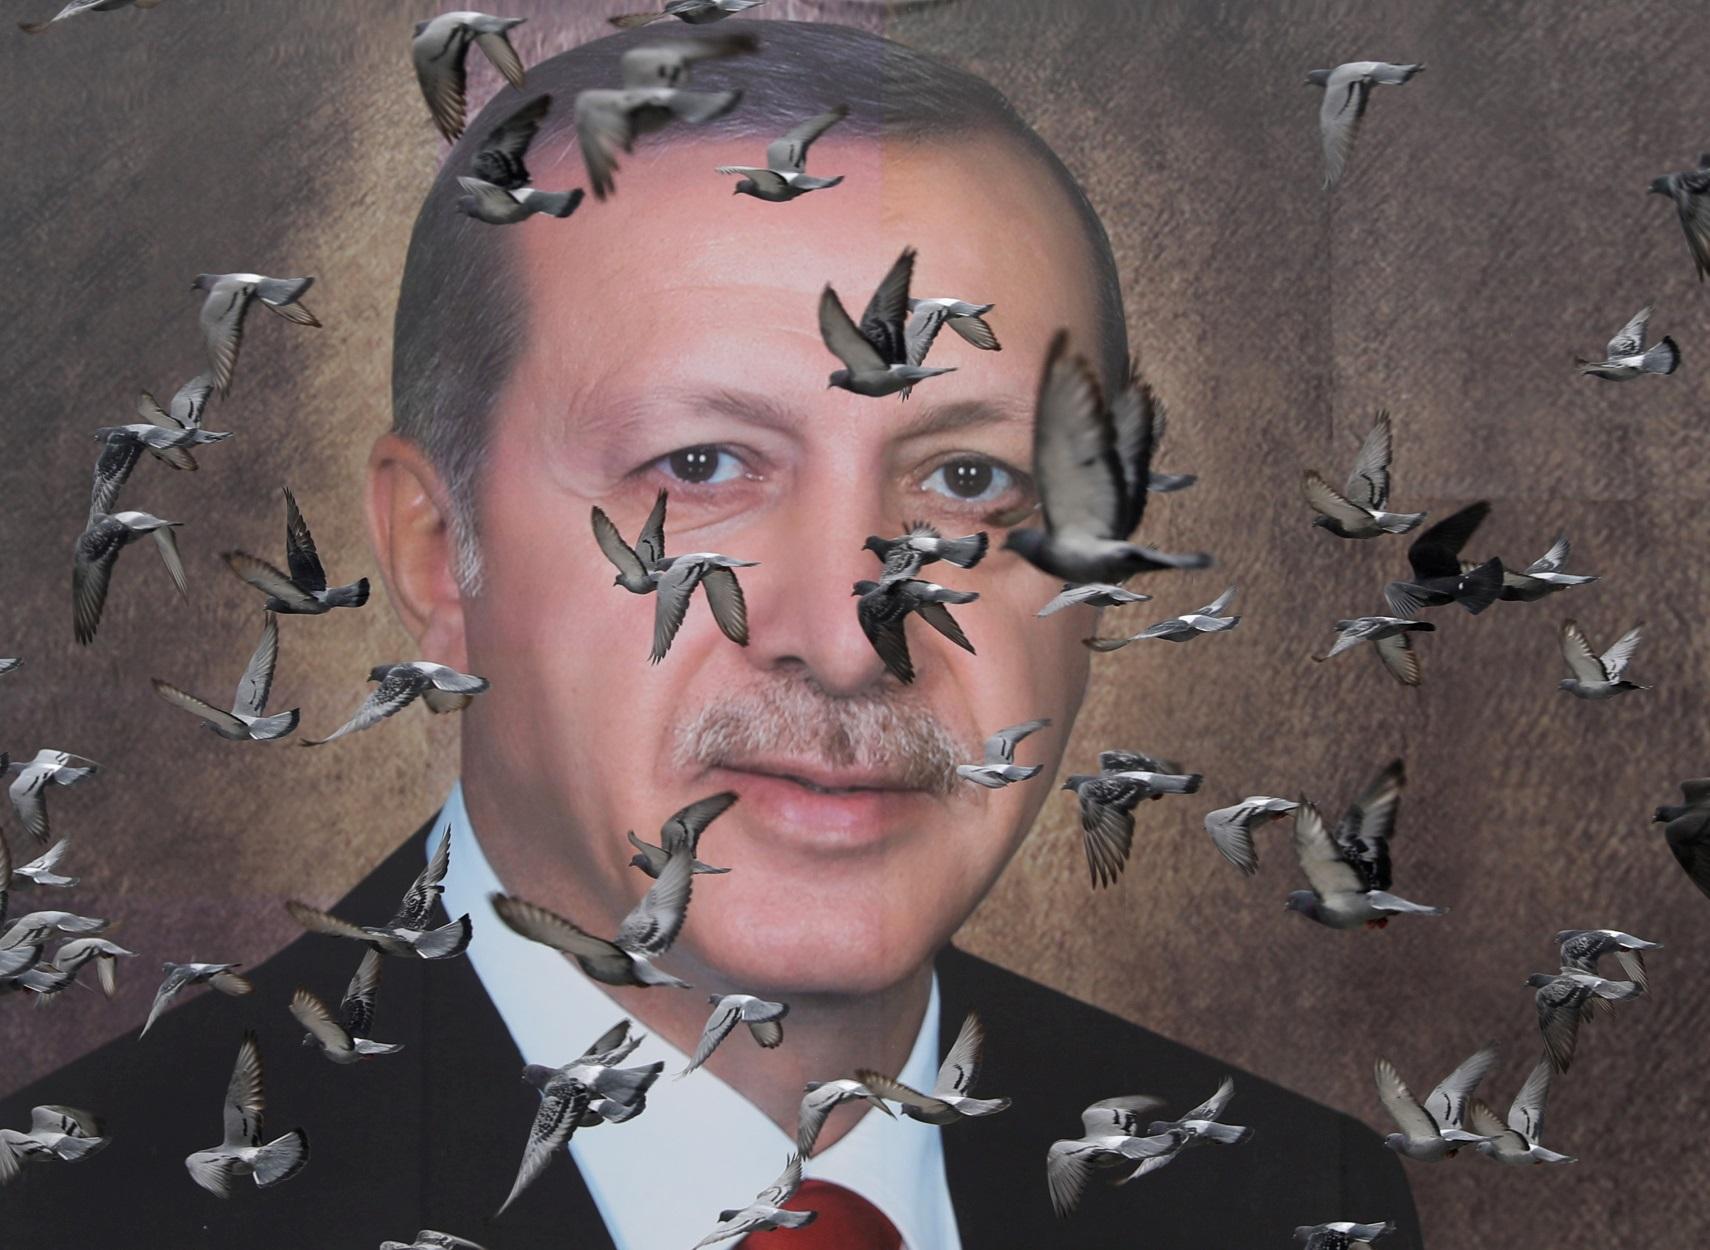 Ερντογάν: Έδωσε εντολή να γίνει νέα καταμέτρηση όλων των ψήφων στην Κωνσταντινούπολη!